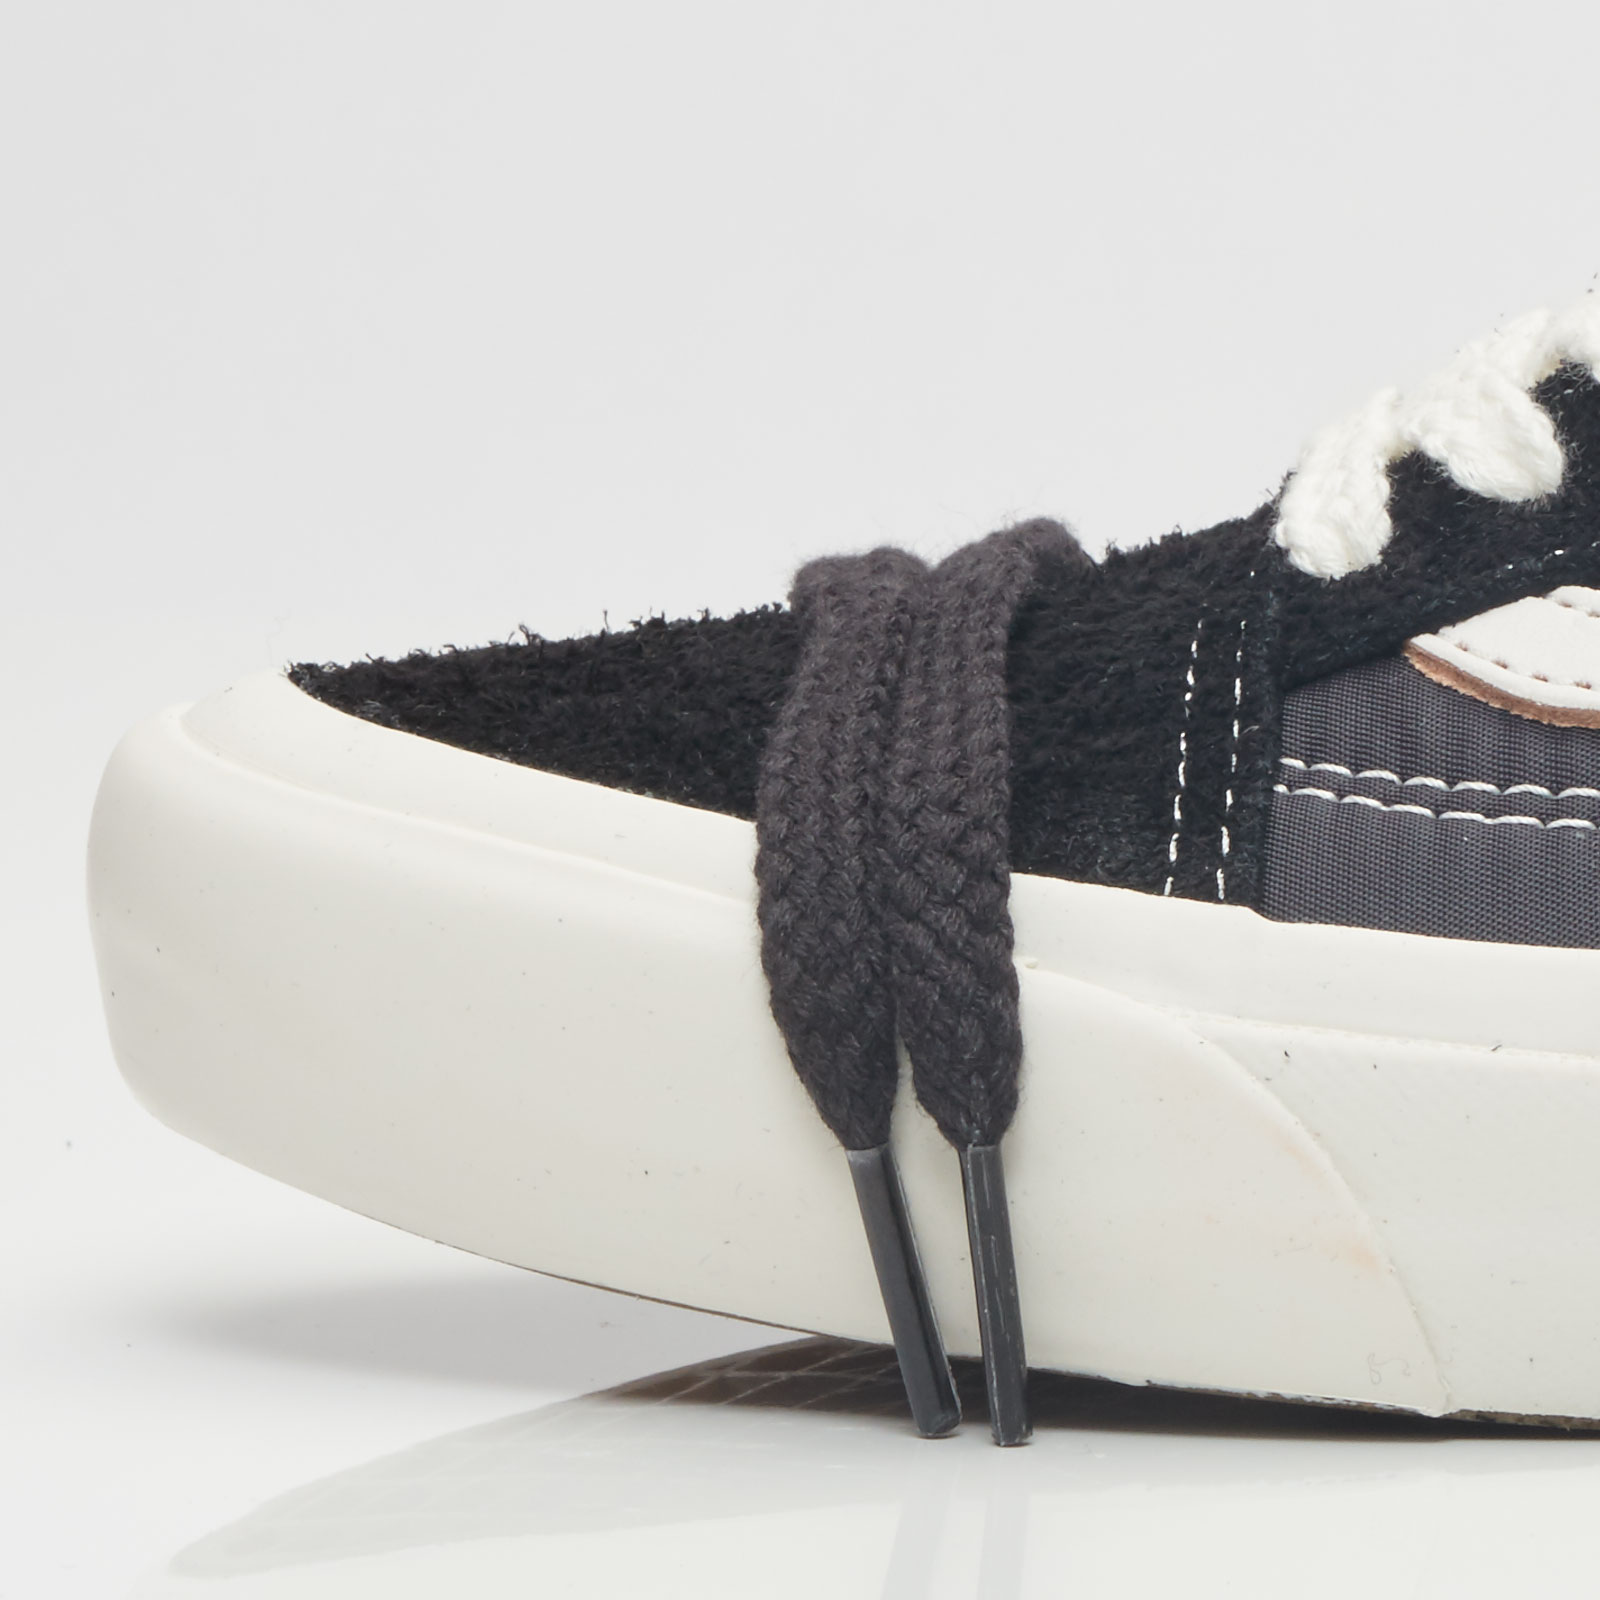 a22359a5 Vans Ua Old Skool Pro 92 Lx - Va38g7n86 - Sneakersnstuff | sneakers ...